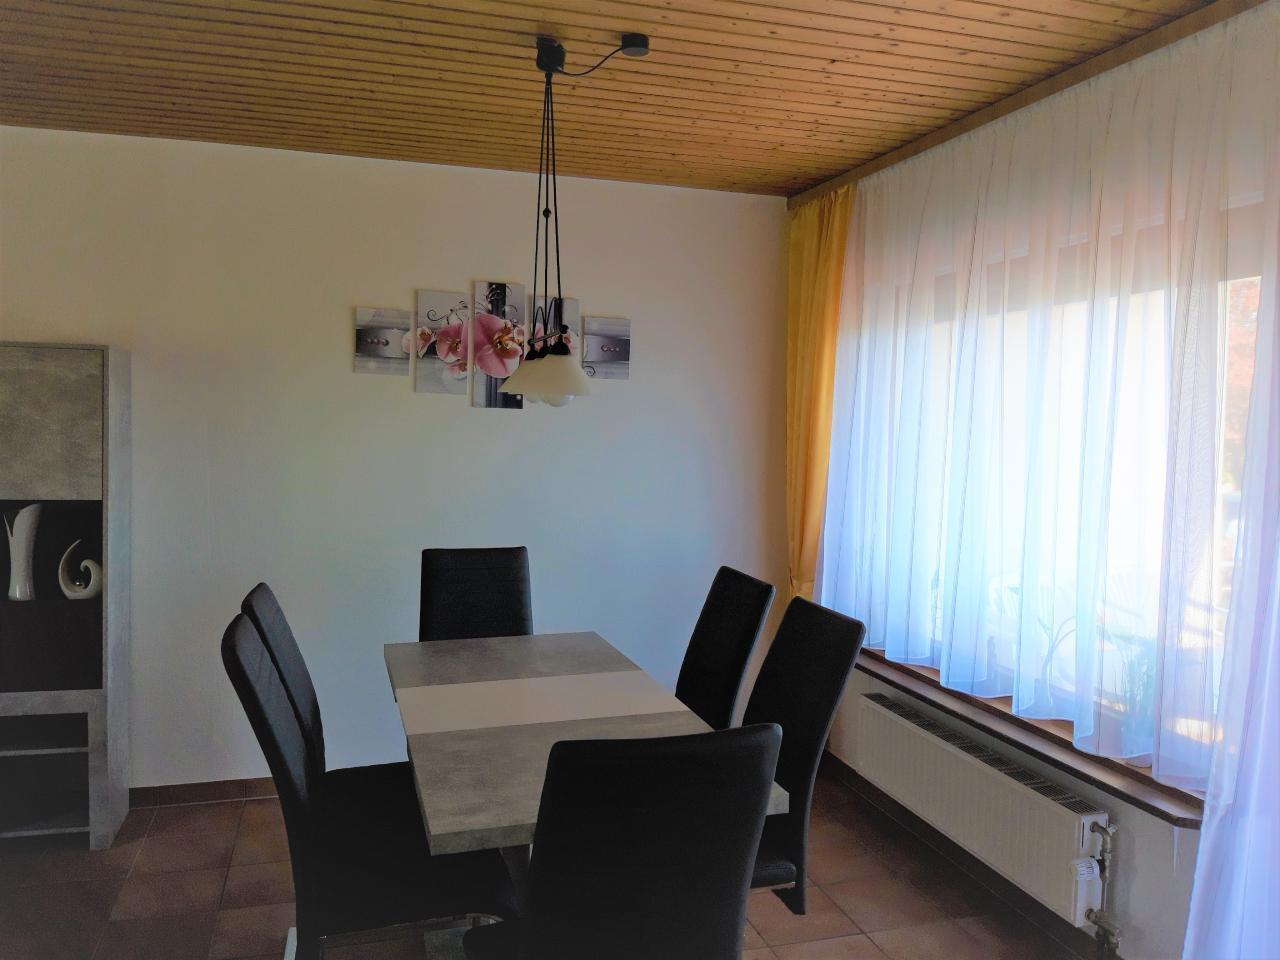 Ferienhaus Bungalow 6 neu renoviert für 4-6 Personen in der Rhön Residence Bungalows (757461), Dipperz, Rhön (Hessen), Hessen, Deutschland, Bild 6